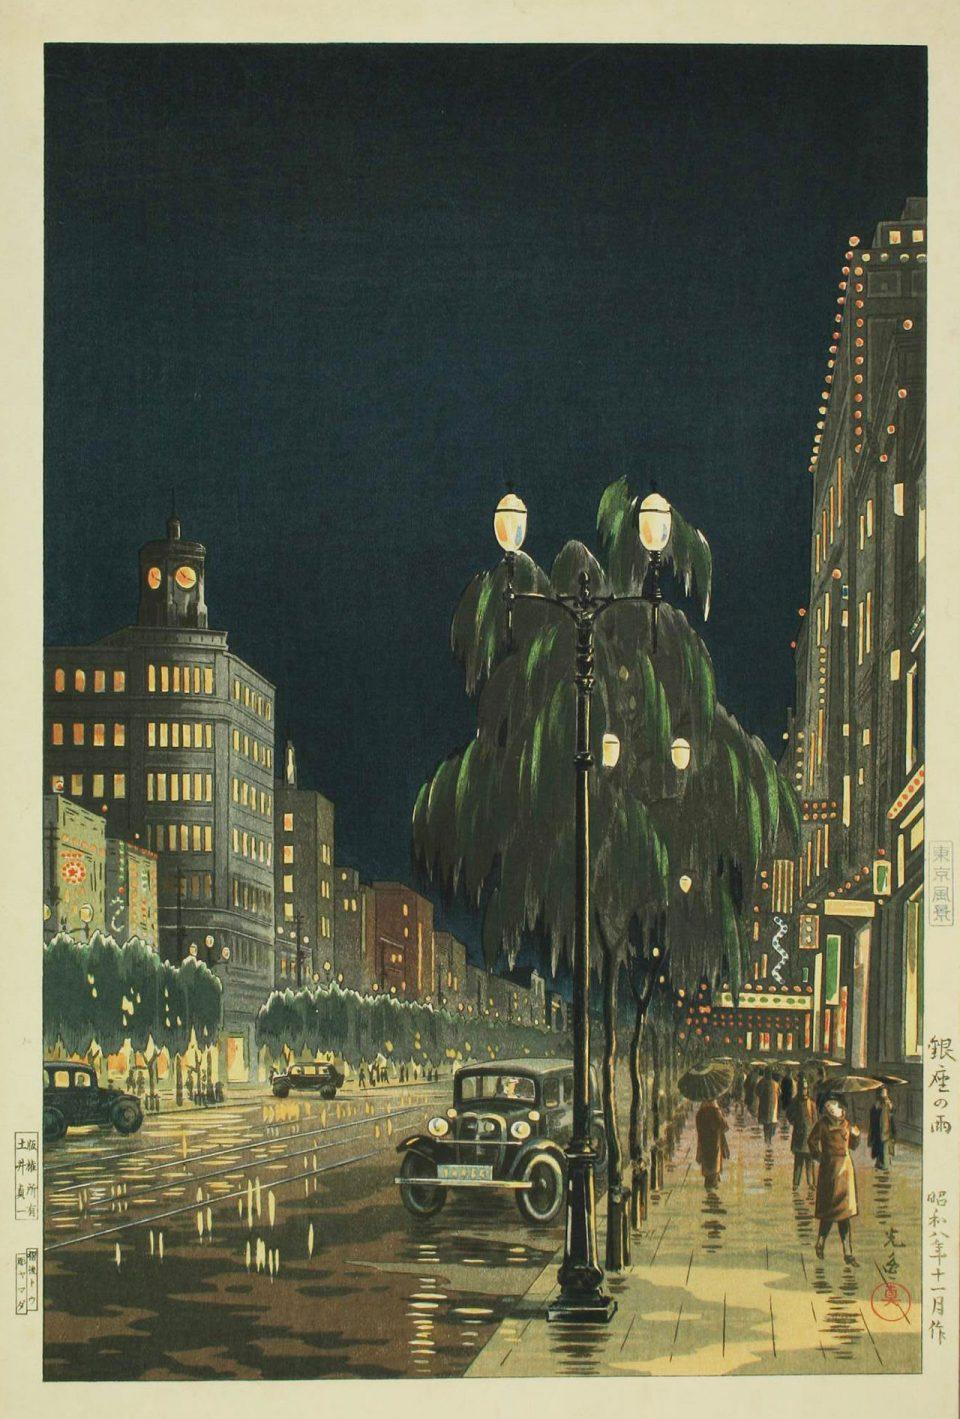 土屋光逸『銀座の雨』(1933年)